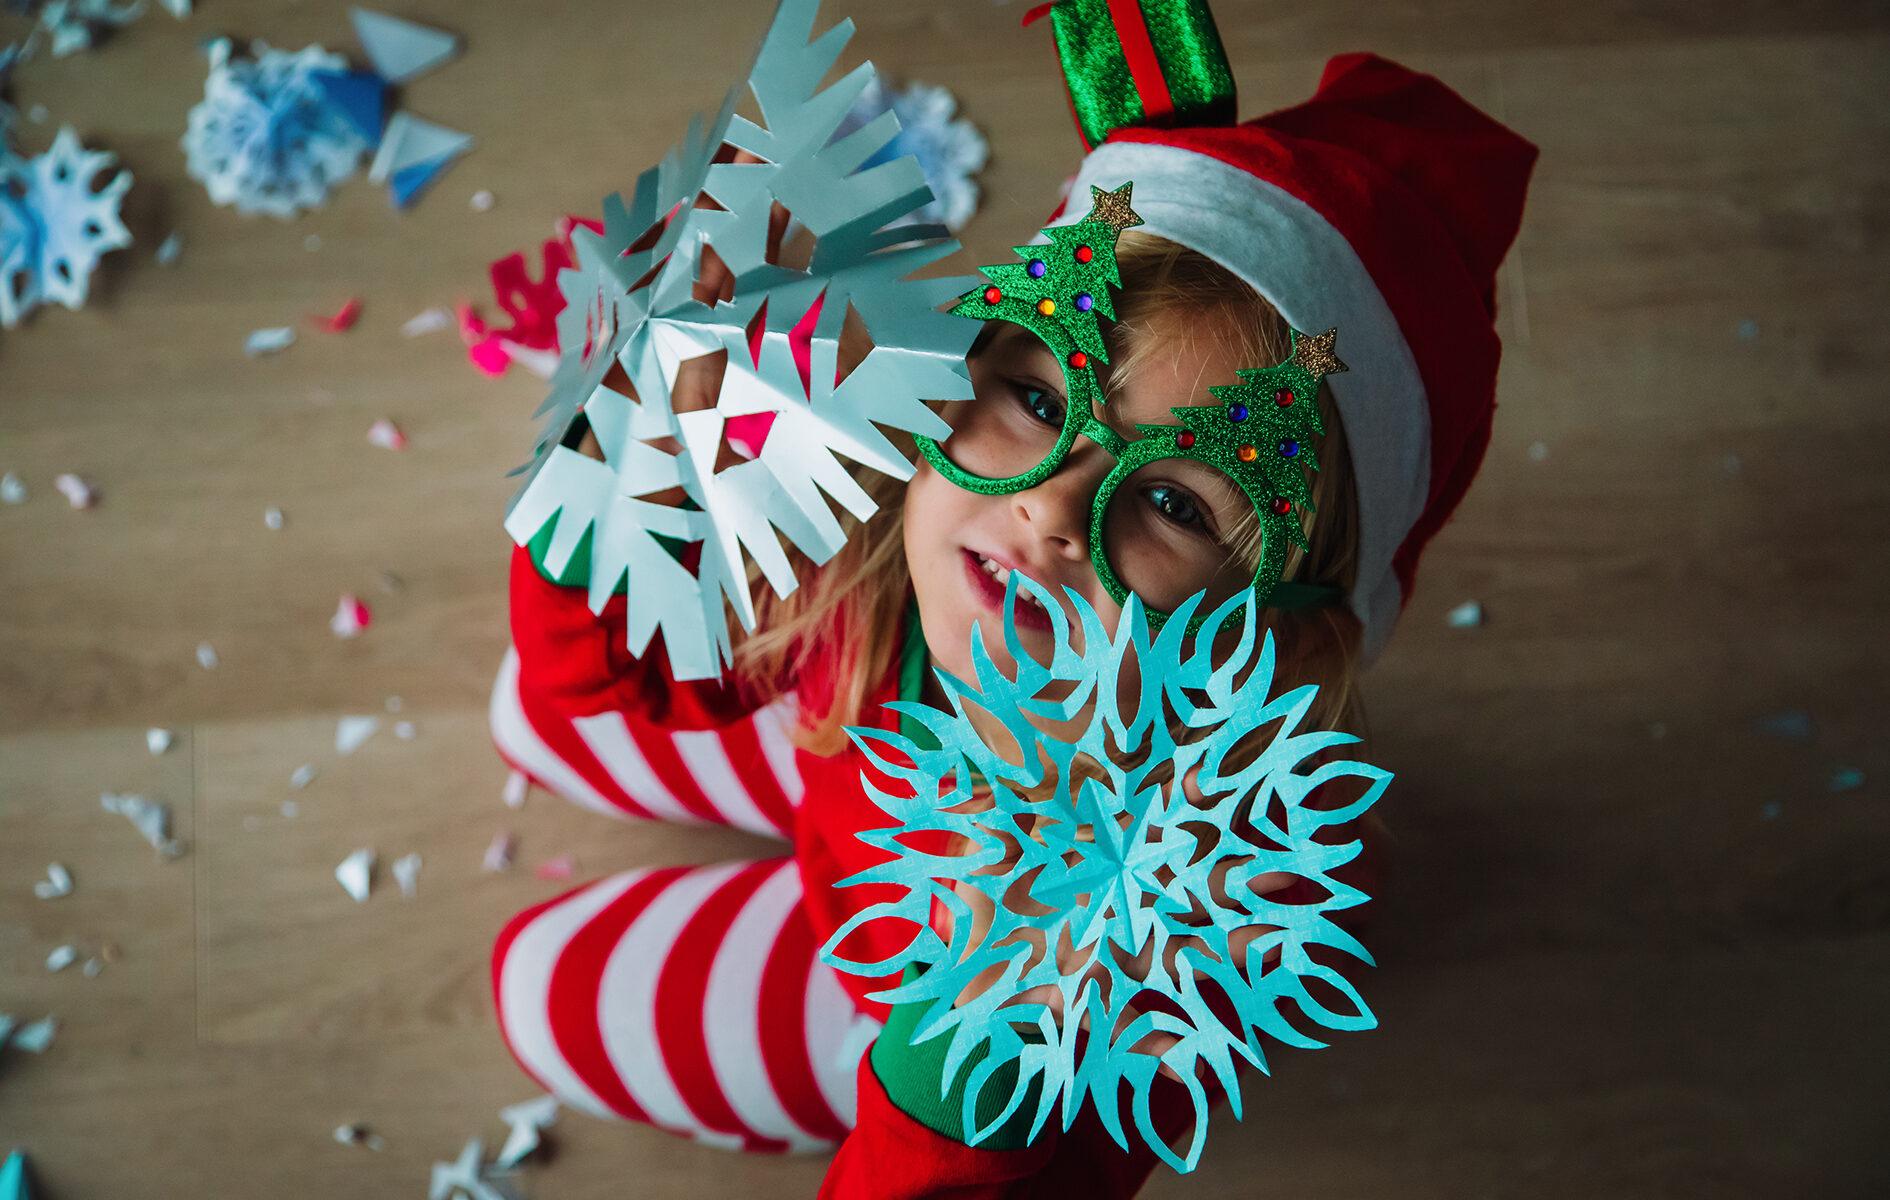 Kinder Basteln Weihnachtsgeschenke Für Kinder Ab 7 Jahren